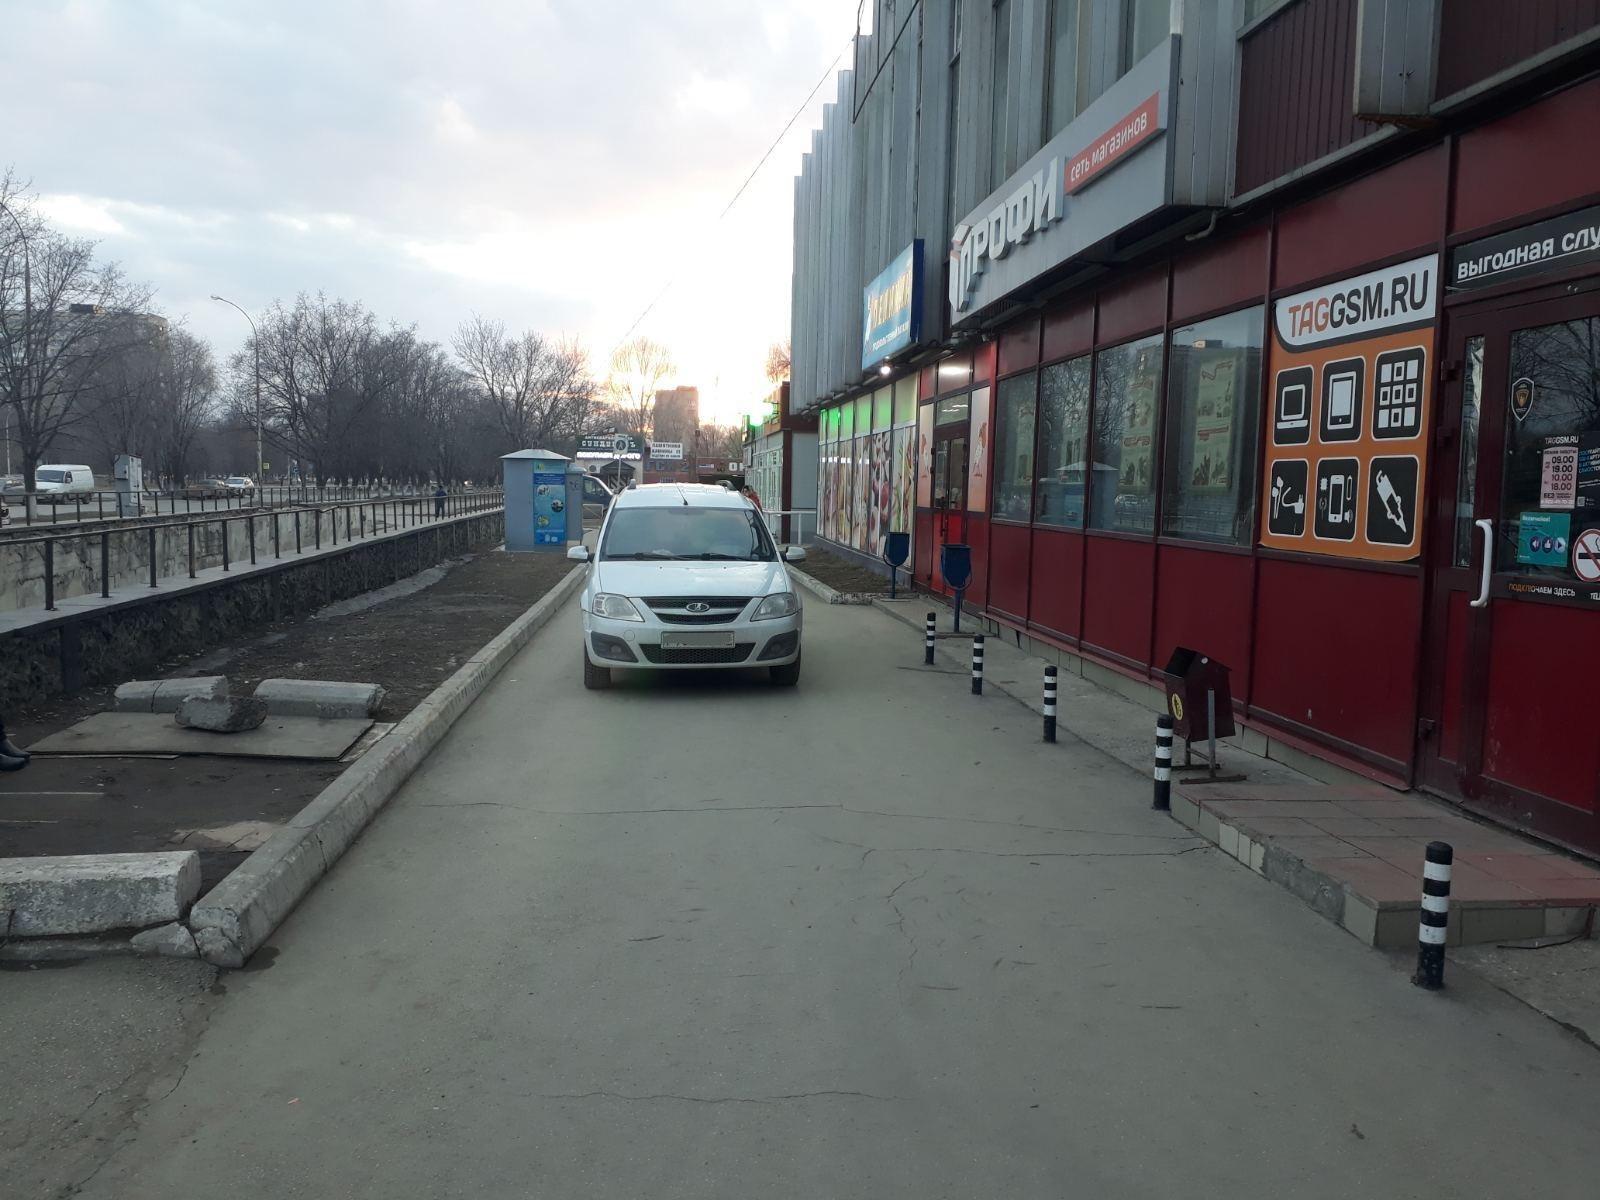 В Тольятти автомобиль сбил пожилую женщину на тротуаре